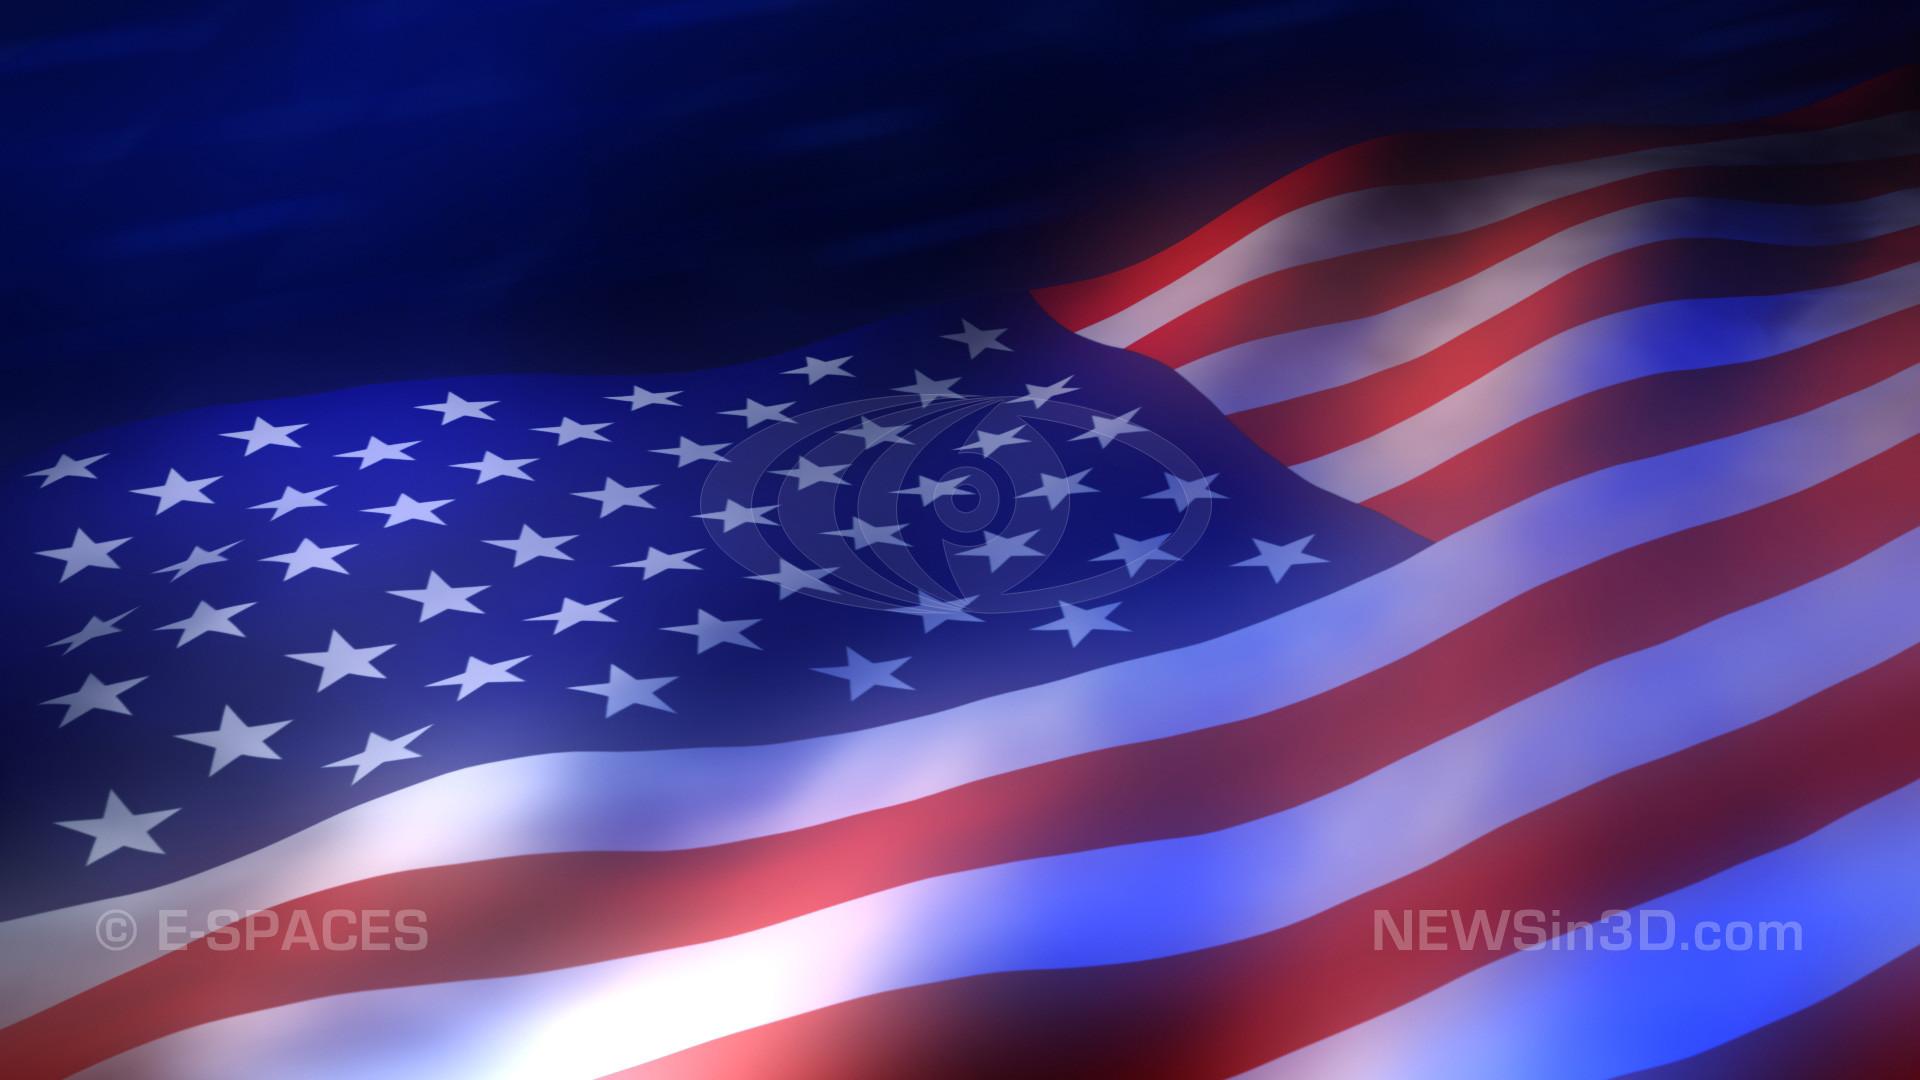 hd_background_american_flag.jpg